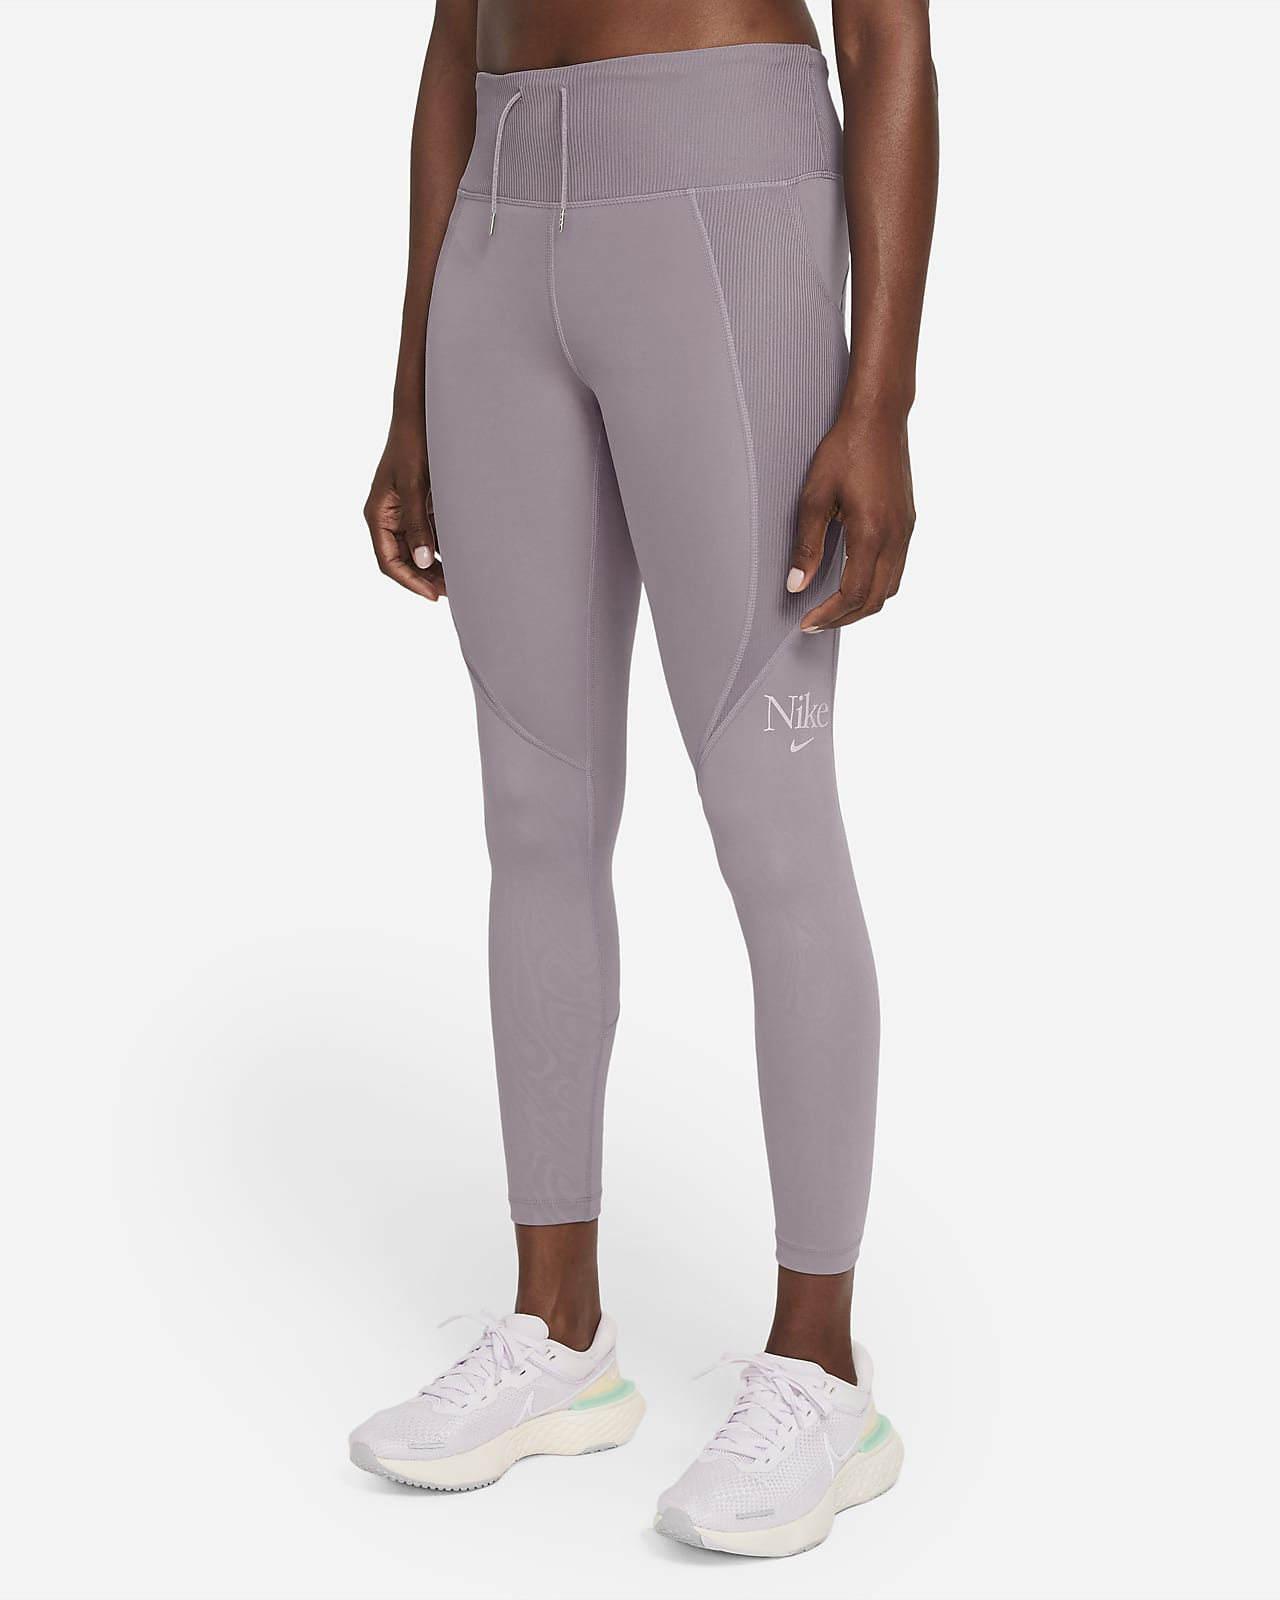 เลกกิ้งวิ่งผู้หญิง 7/8 ส่วน Nike Dri-FIT Femme Fast